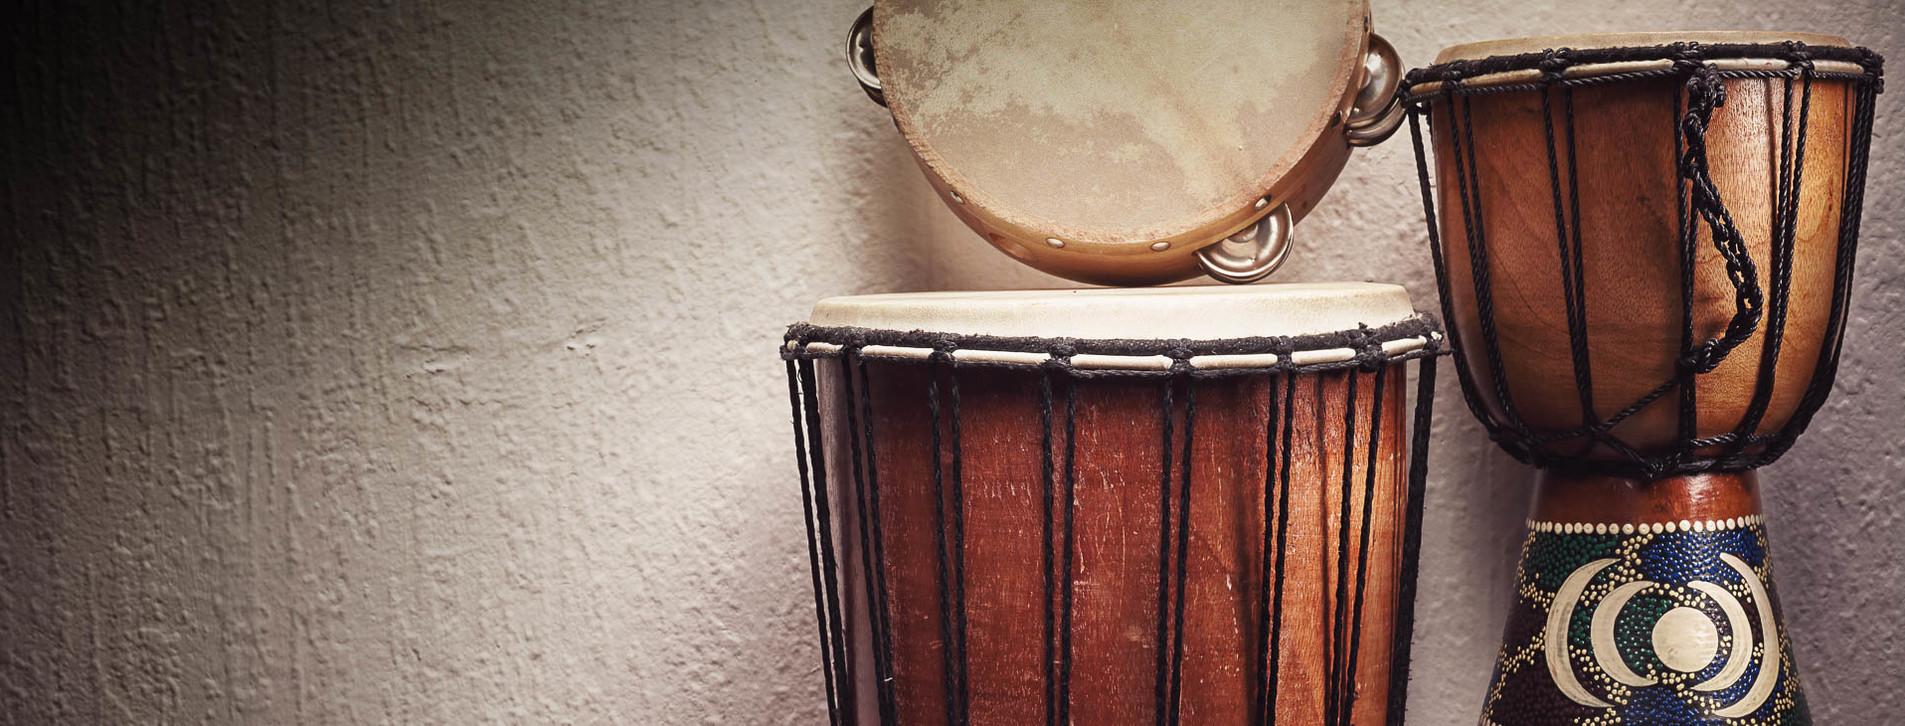 Фото 1 - Игра на этнических барабанах